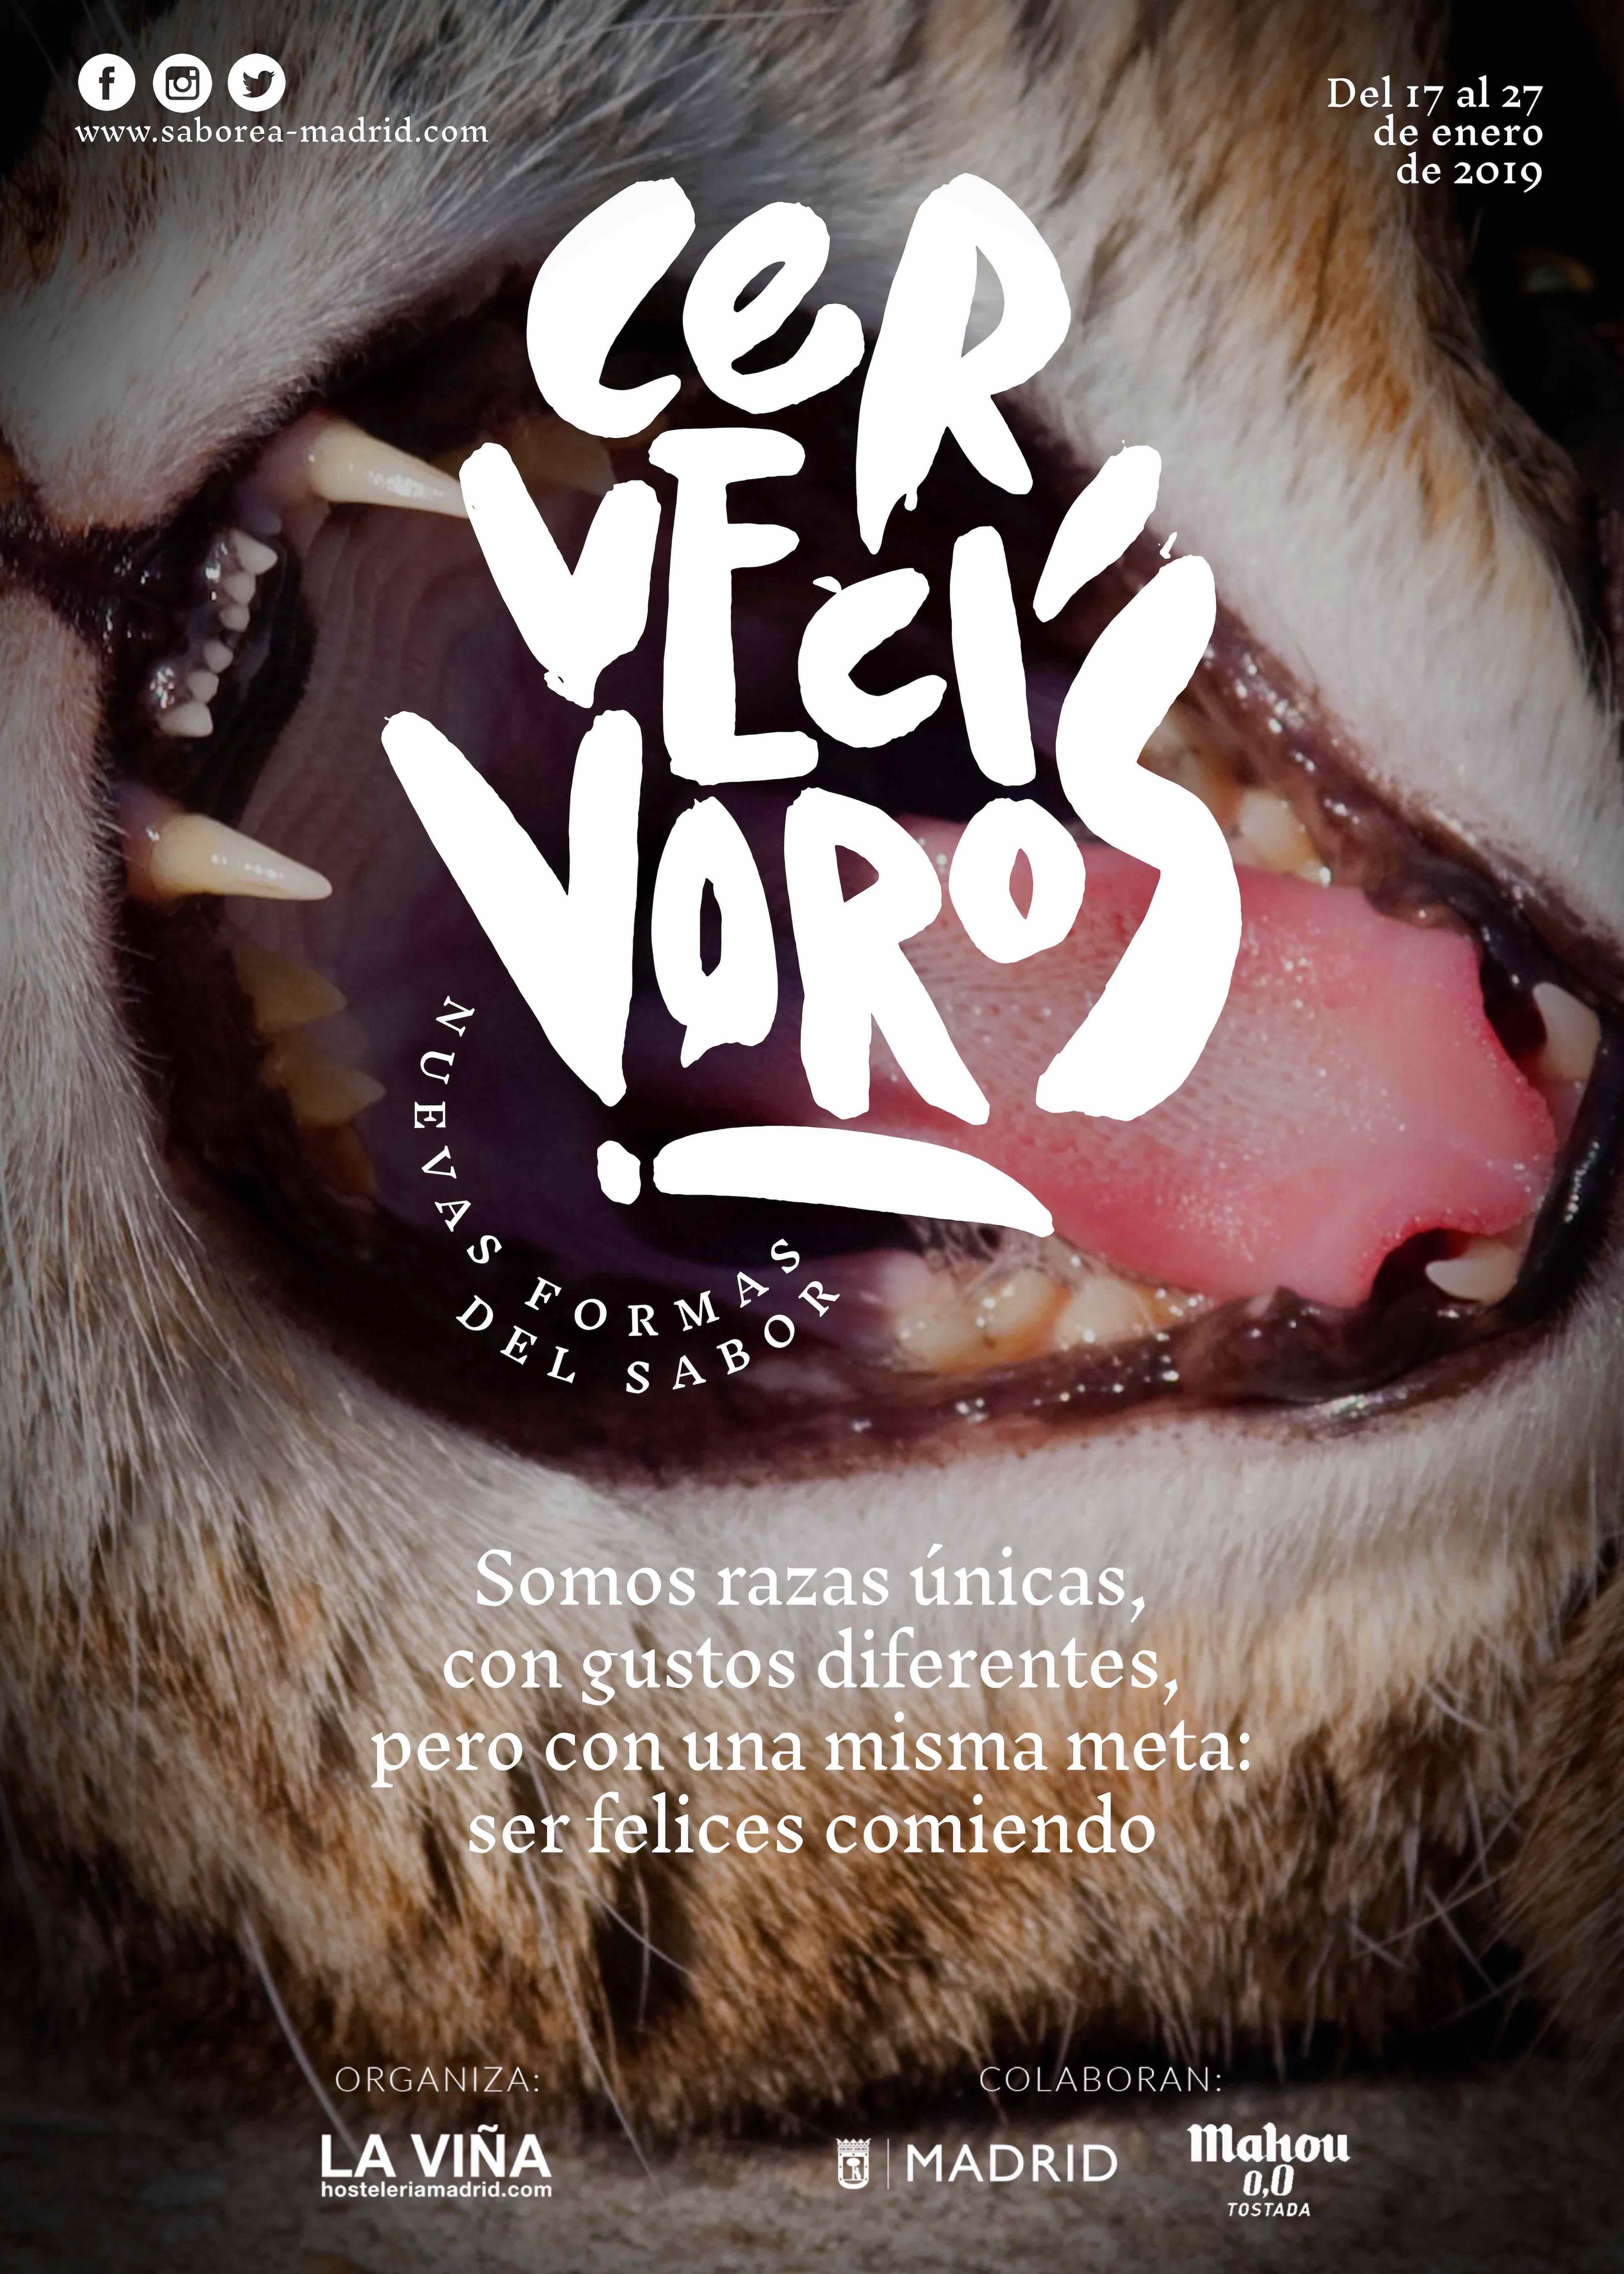 Foto de Cervecívoros: nuevas formas del sabor